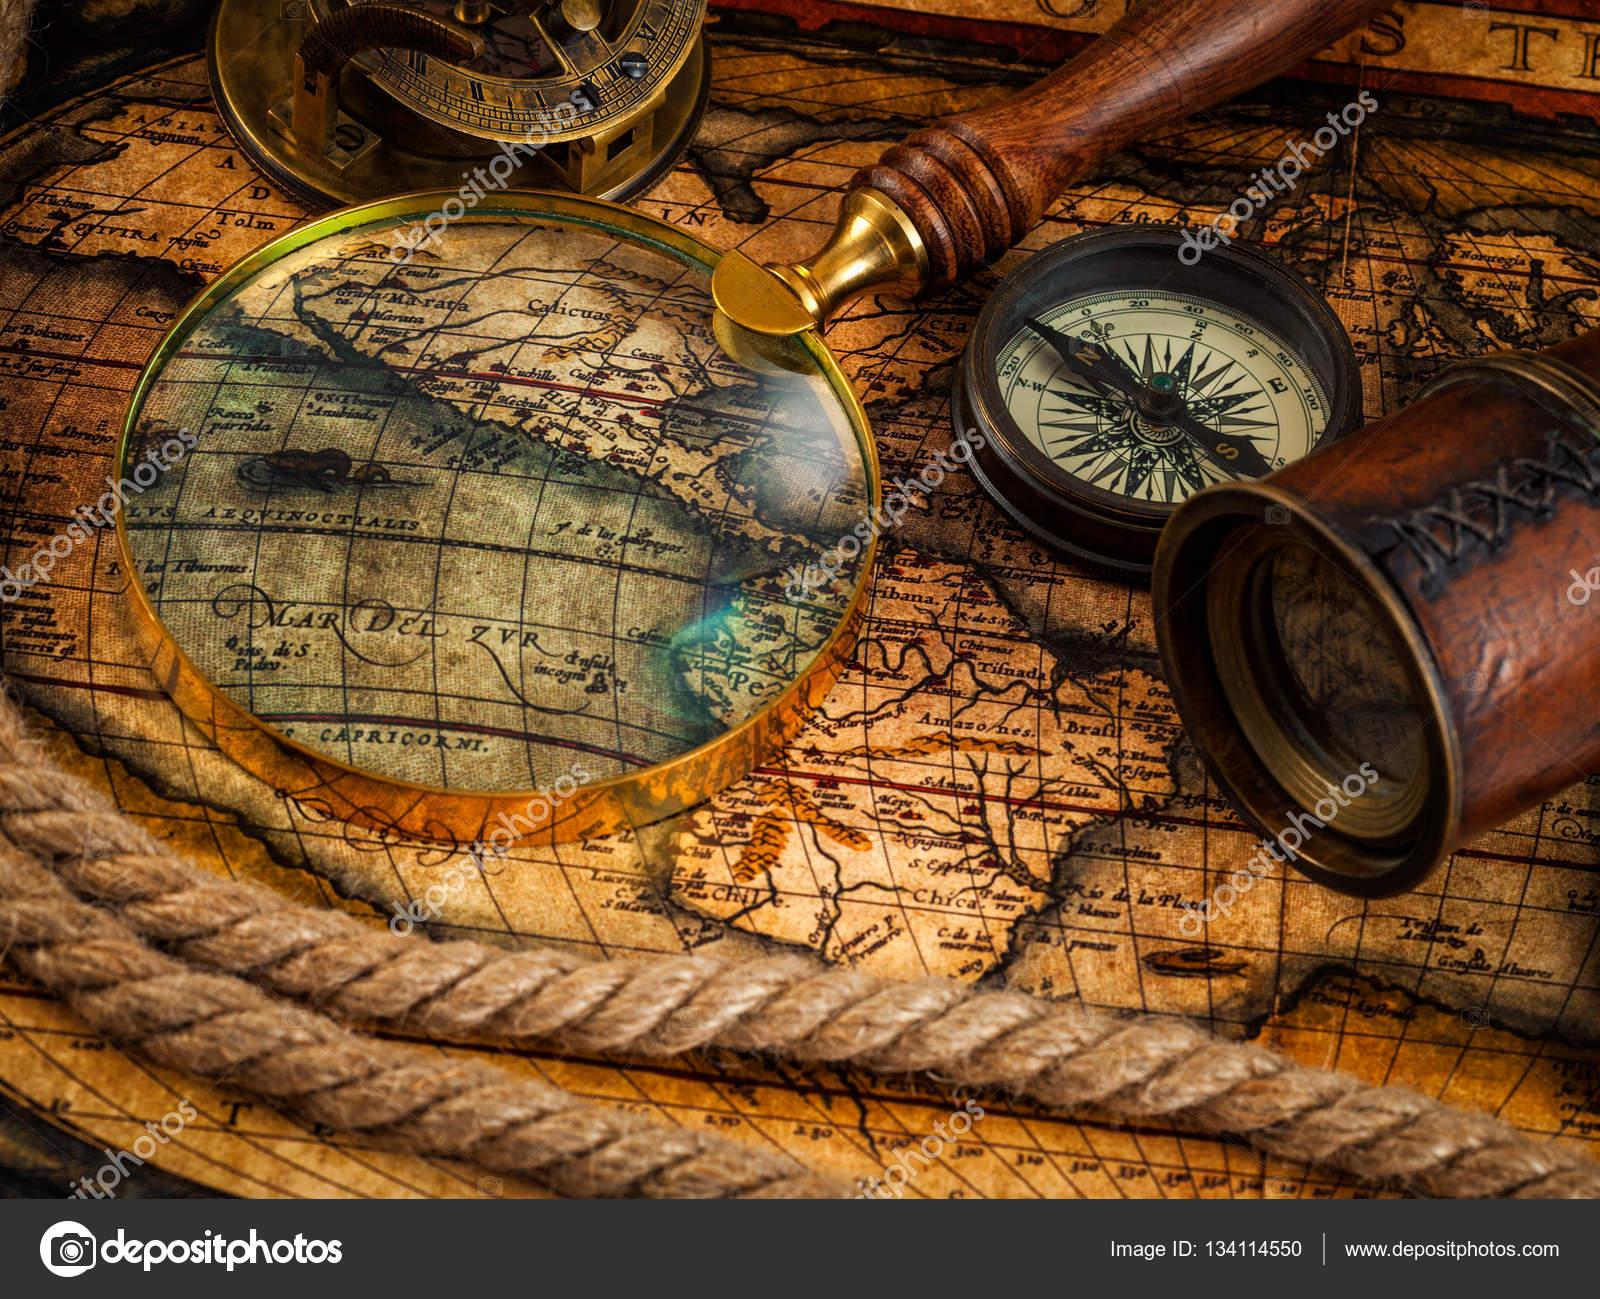 mapa navegação Instrumentos antigos vintage de bússola e navegação no mapa antigo  mapa navegação